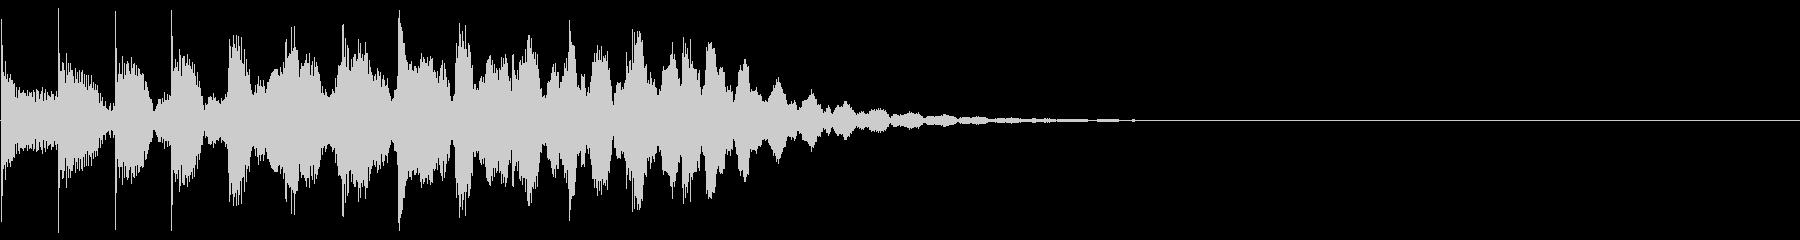 シンプルな効果音 マリンバ 半音階の未再生の波形